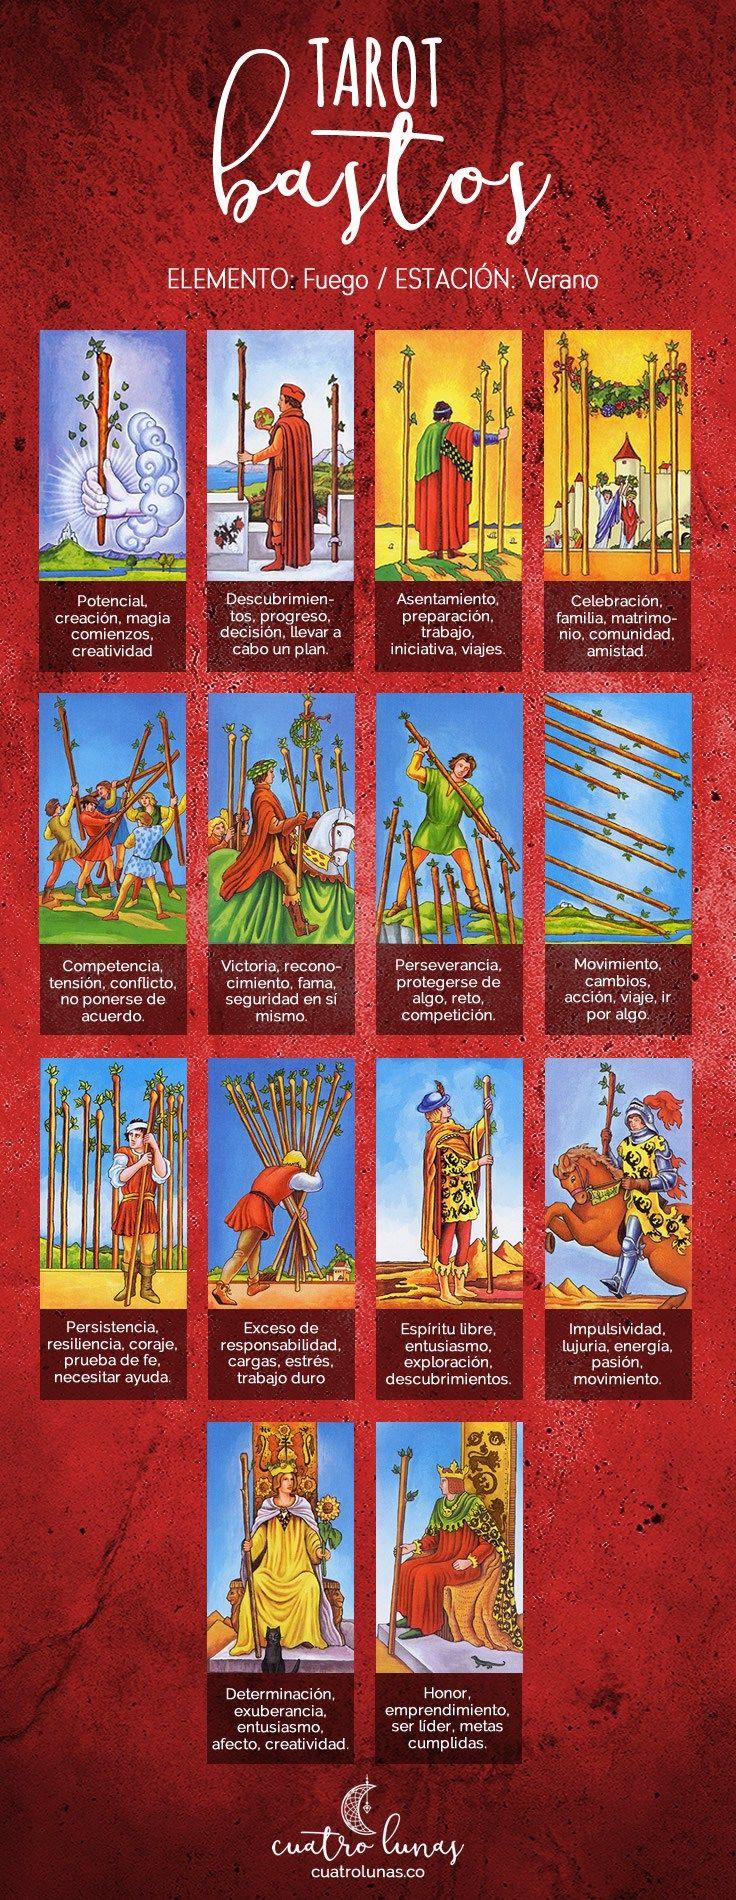 Los arcanos menores del Tarot: bastos o varas